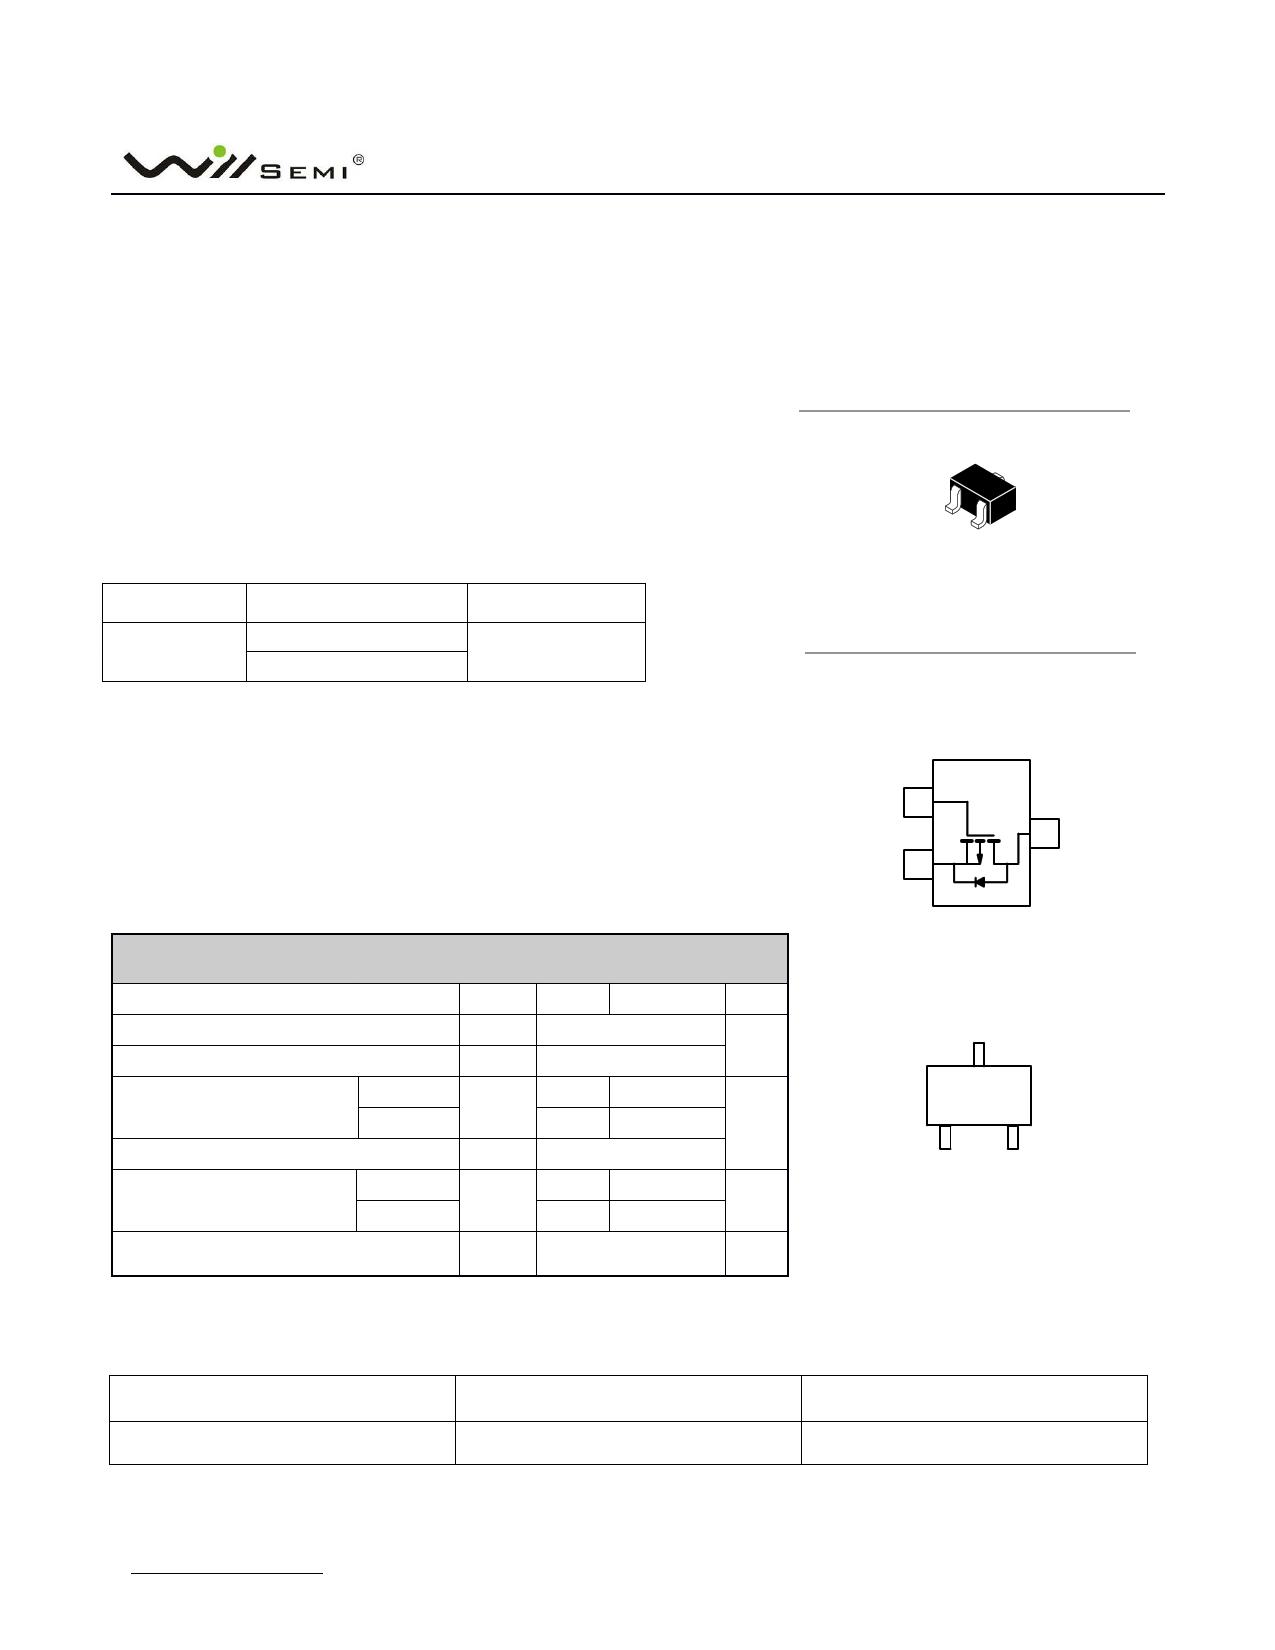 WPM3407 Datenblatt PDF